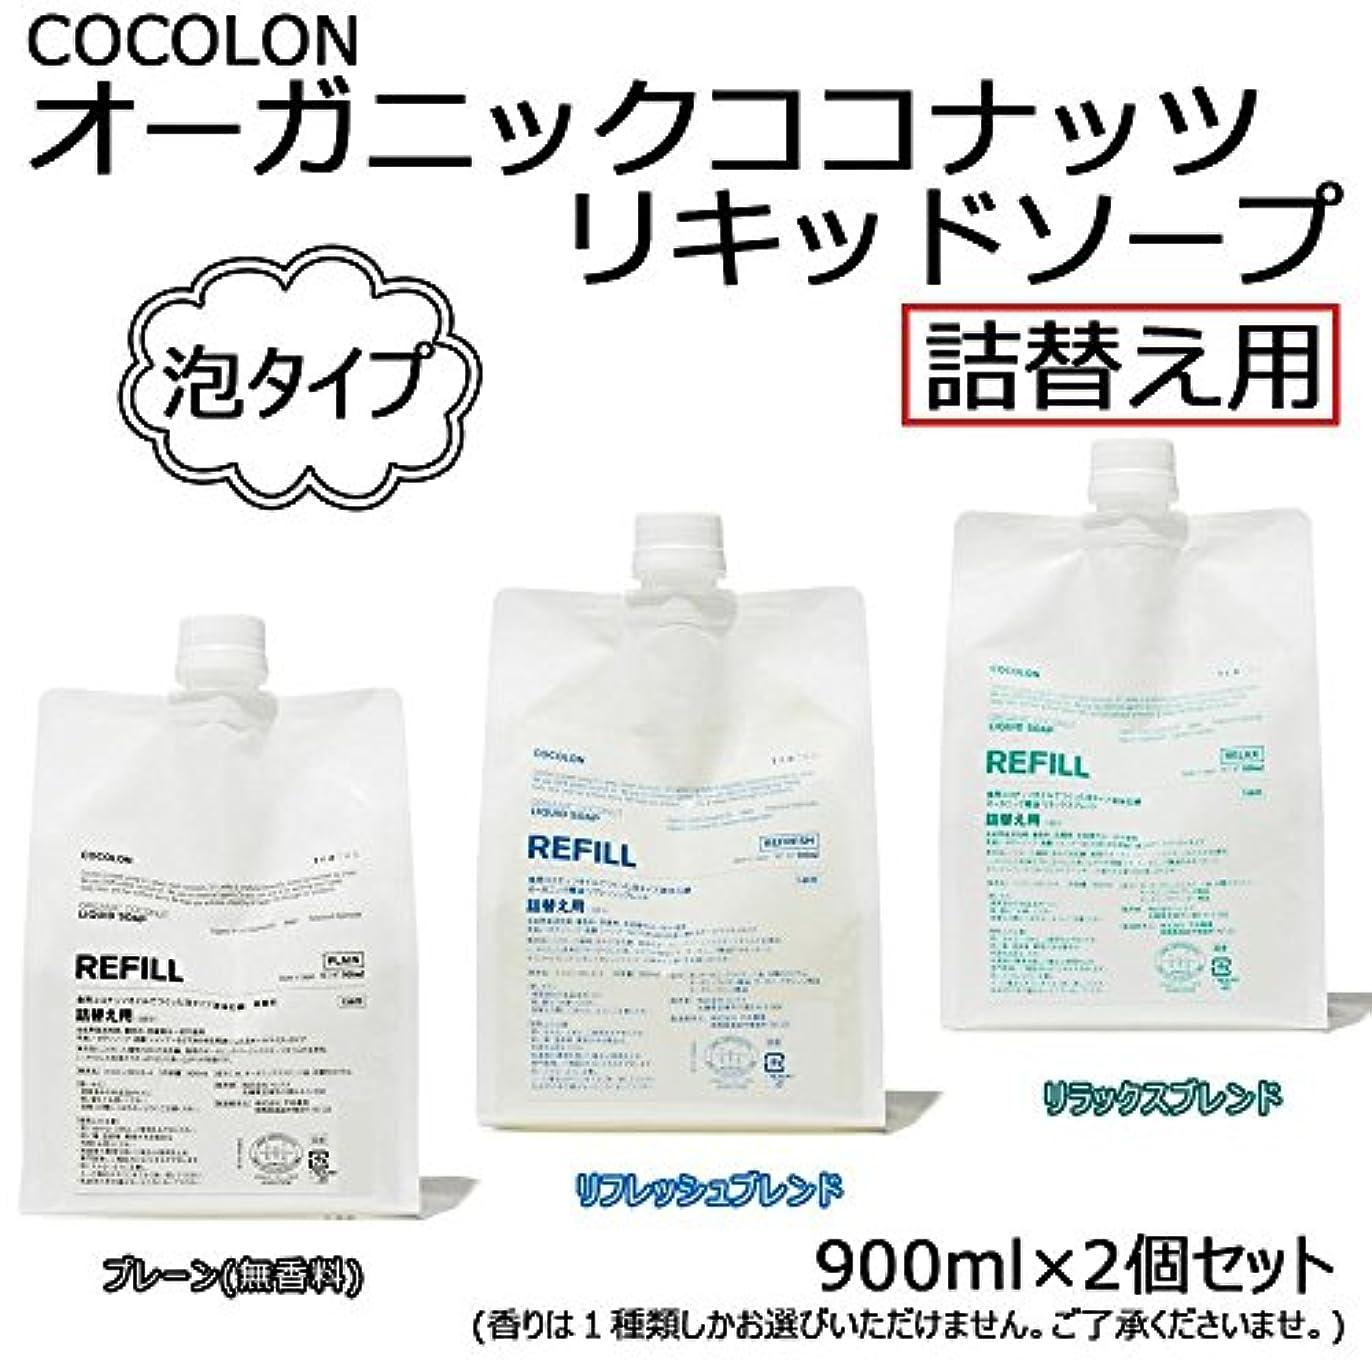 対象キャラクター軍隊COCOLON ココロン オーガニックココナッツリキッドソープ 泡タイプ 詰替え用 900ml 2個セット【同梱?代引不可】 ■3種類の内「リラックスブレンド」のみです